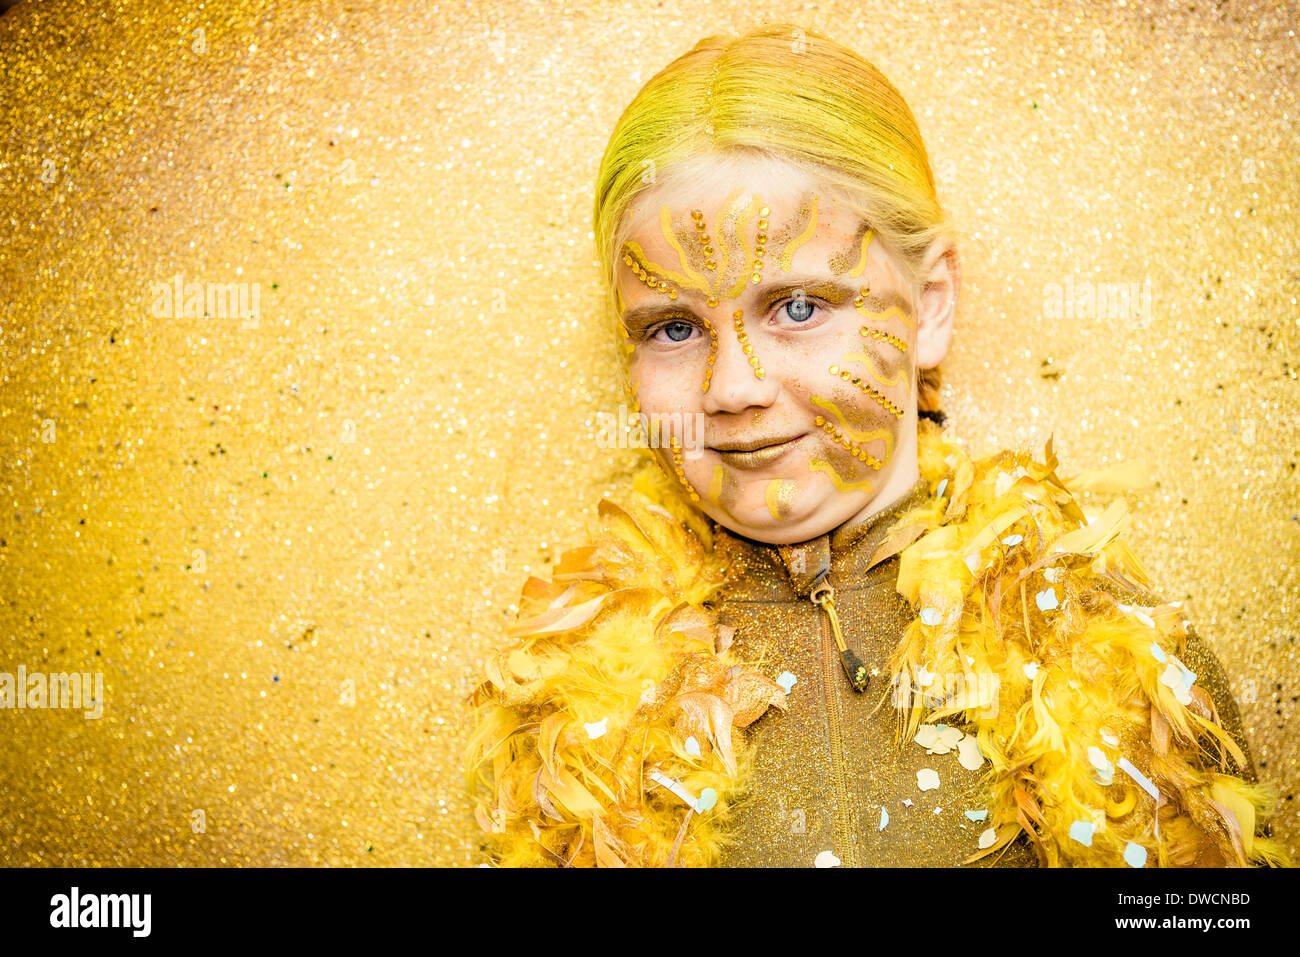 Sitges, Spanien. 4. März 2014: Eine Mädchen in einem Fantasie-Kostüm tanzt während der Kinder Stockbild